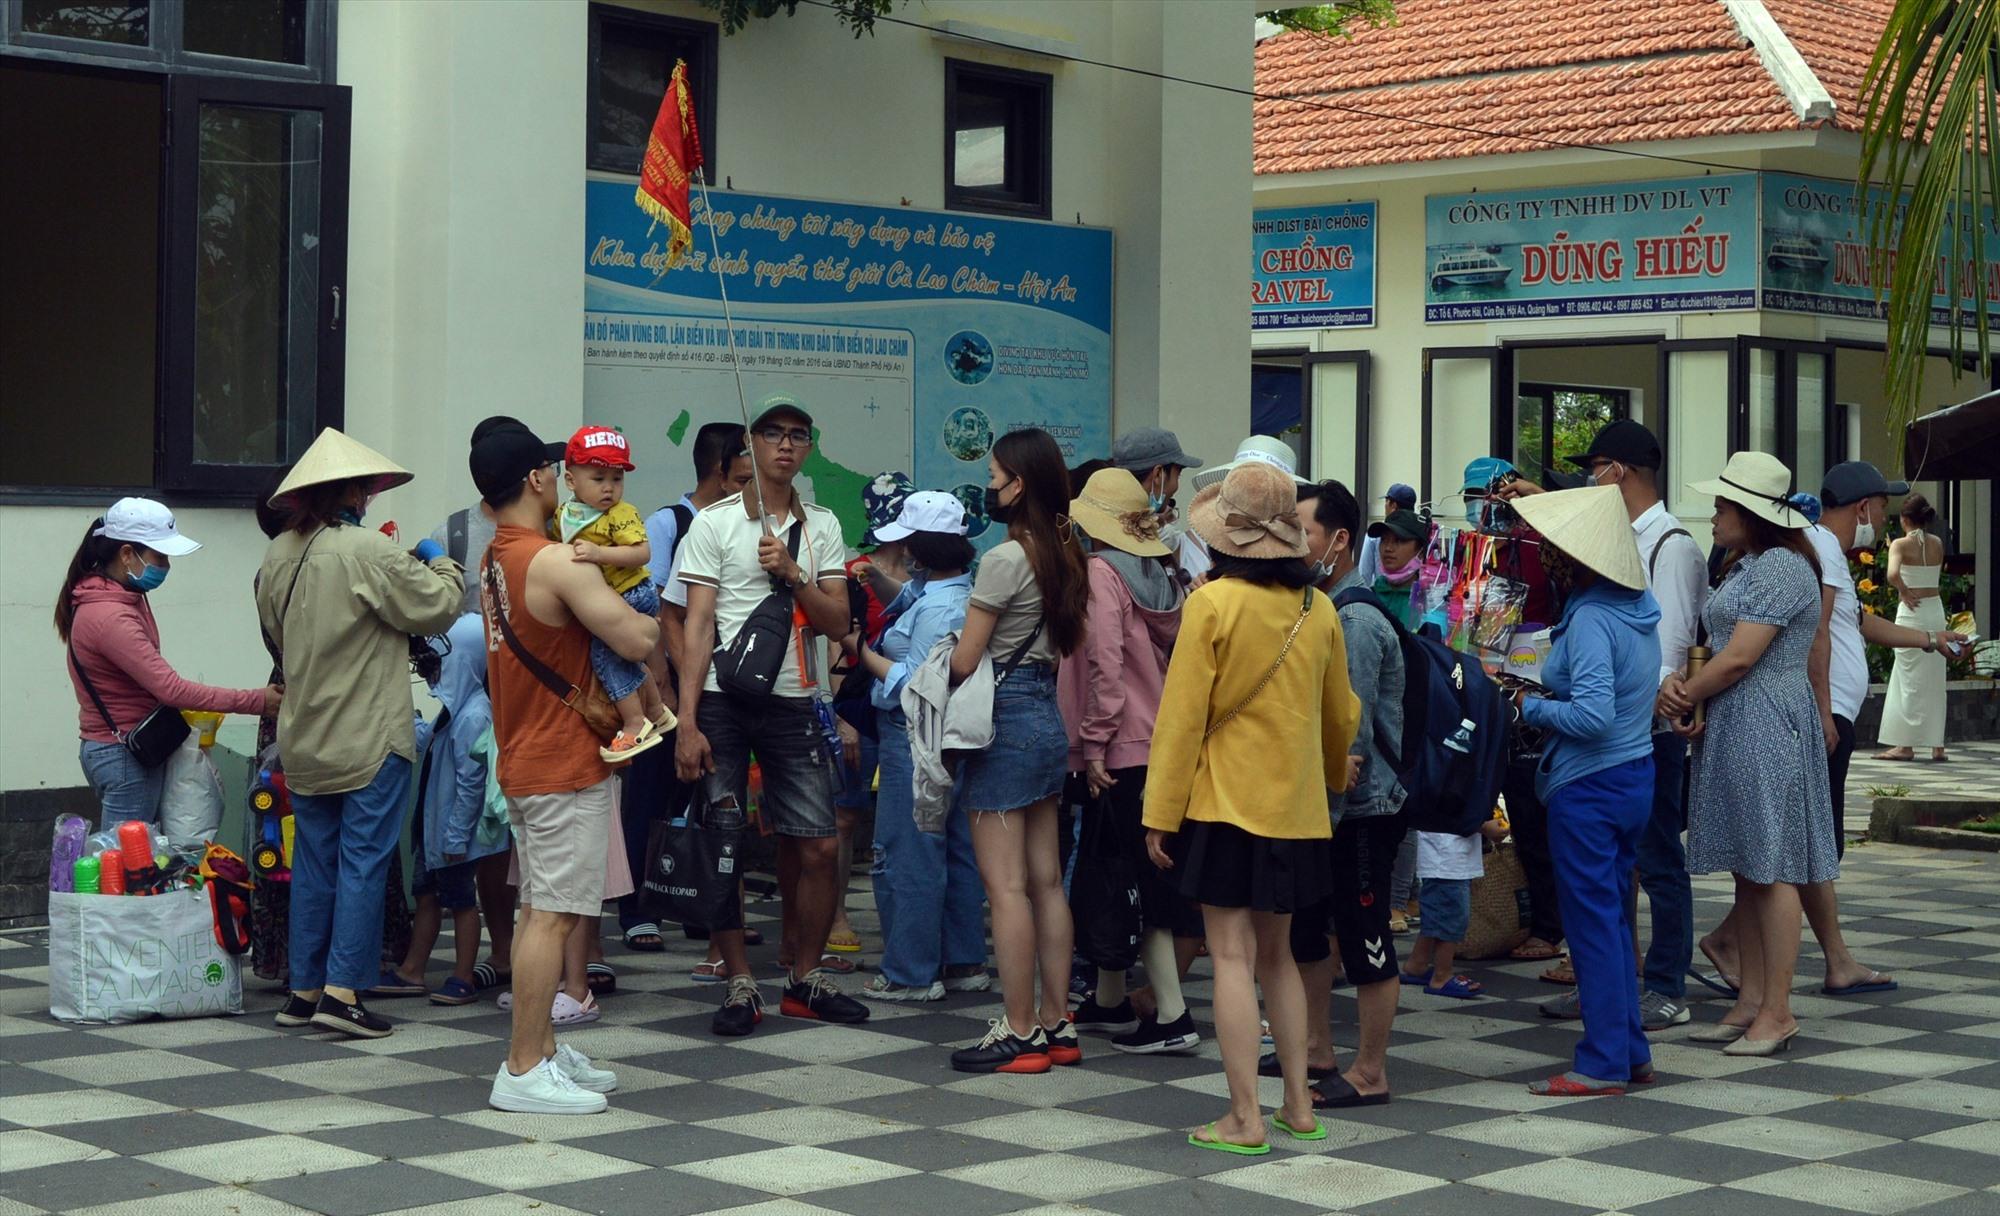 Những hoạt động, sự kiện du lịch đông người sẽ bị hủy trong dịp lễ 30.4 -1.5 để phòng chống dịch Covid-19